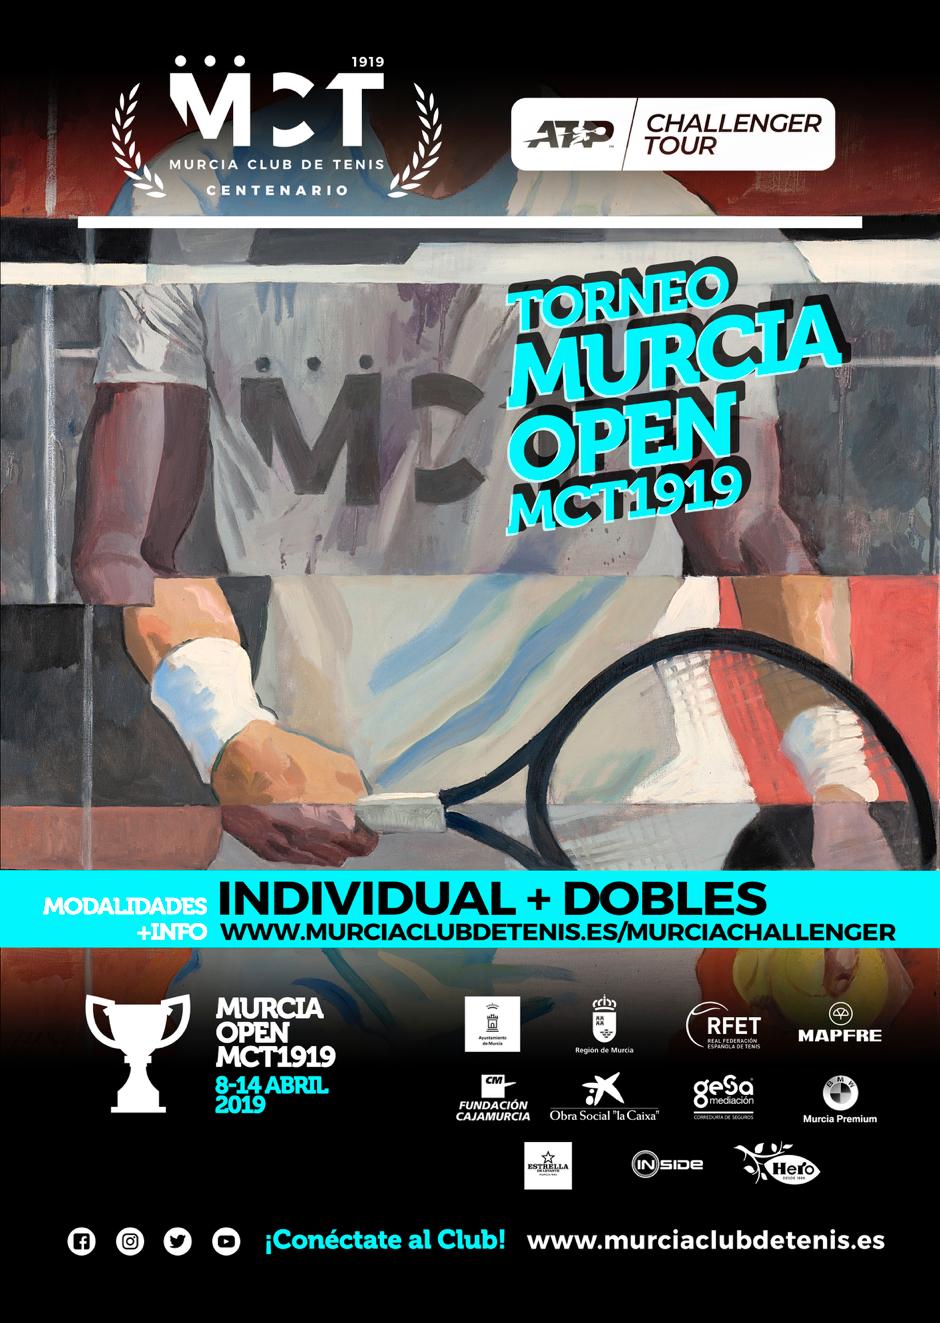 Entrada Gratuita Tenis  I Atp Challenger Murcia